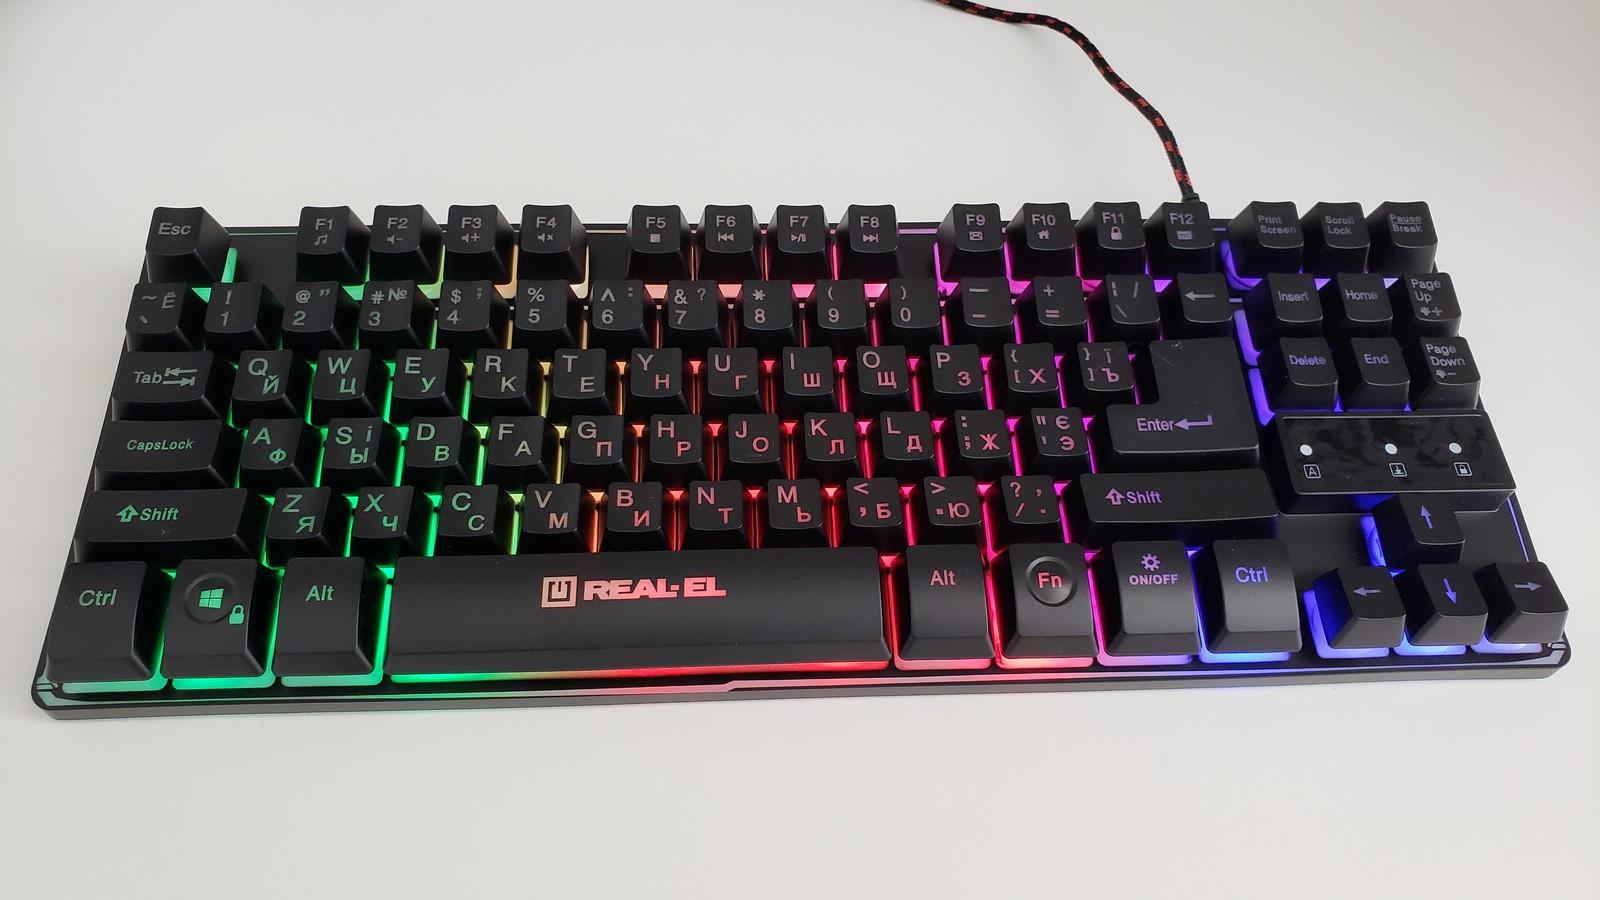 Фото включенной подсветки клавиатуры REAL-EL Gaming 8710 TKL Backlit, в дневное время